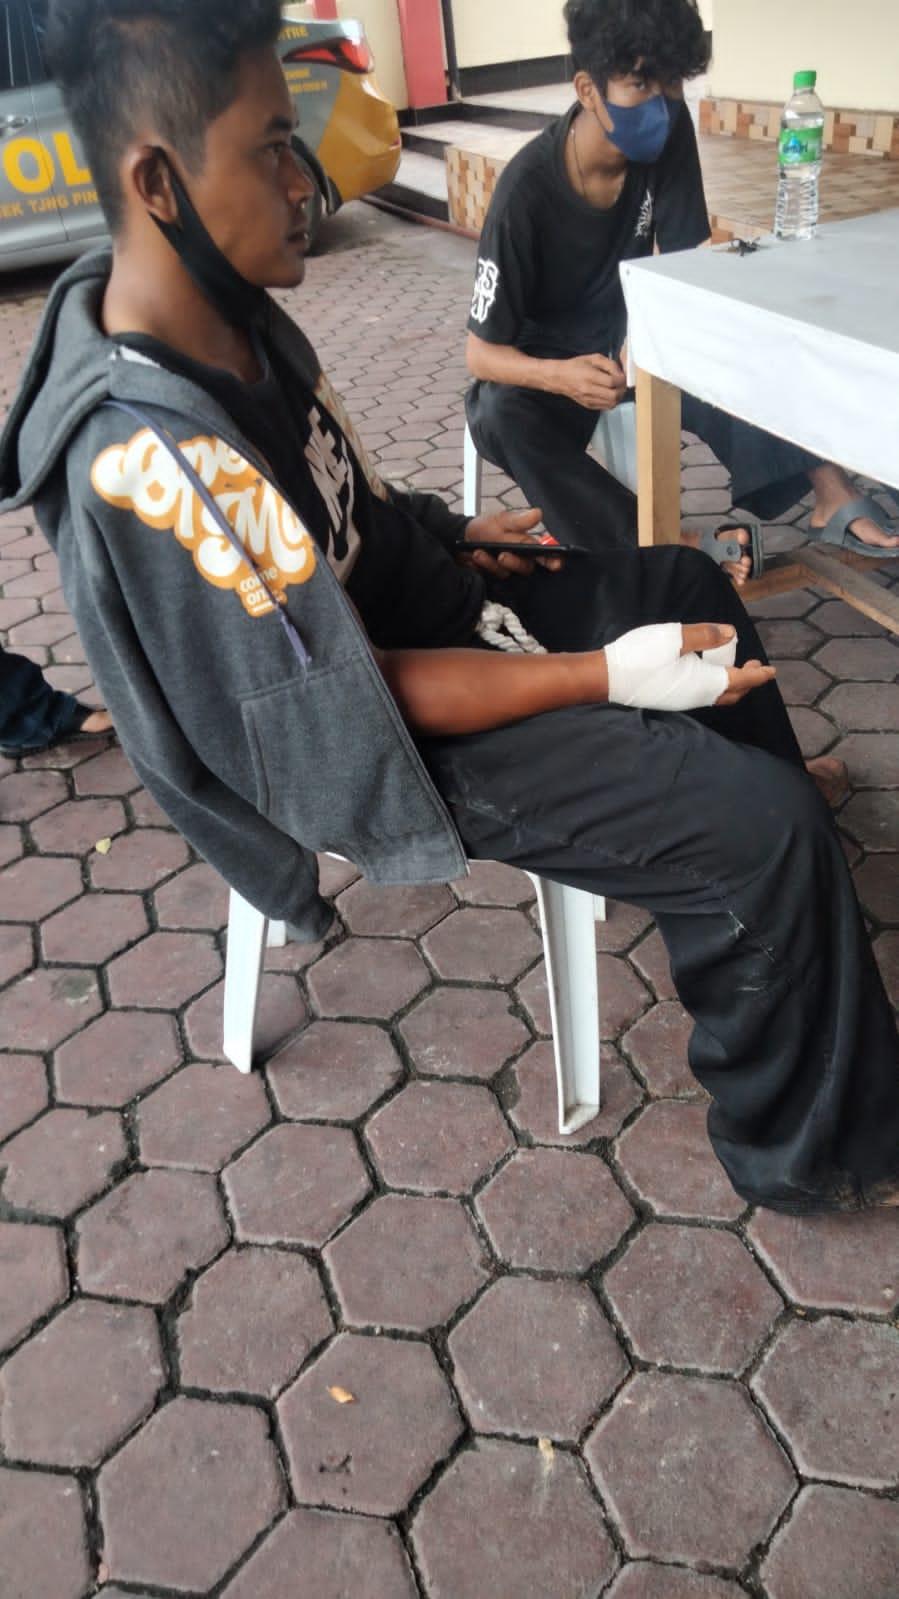 Korban Aan Purwanto Saat Mendatangi Polsek Tanjungpinang Timur Untuk Membuat Laporan Polisi